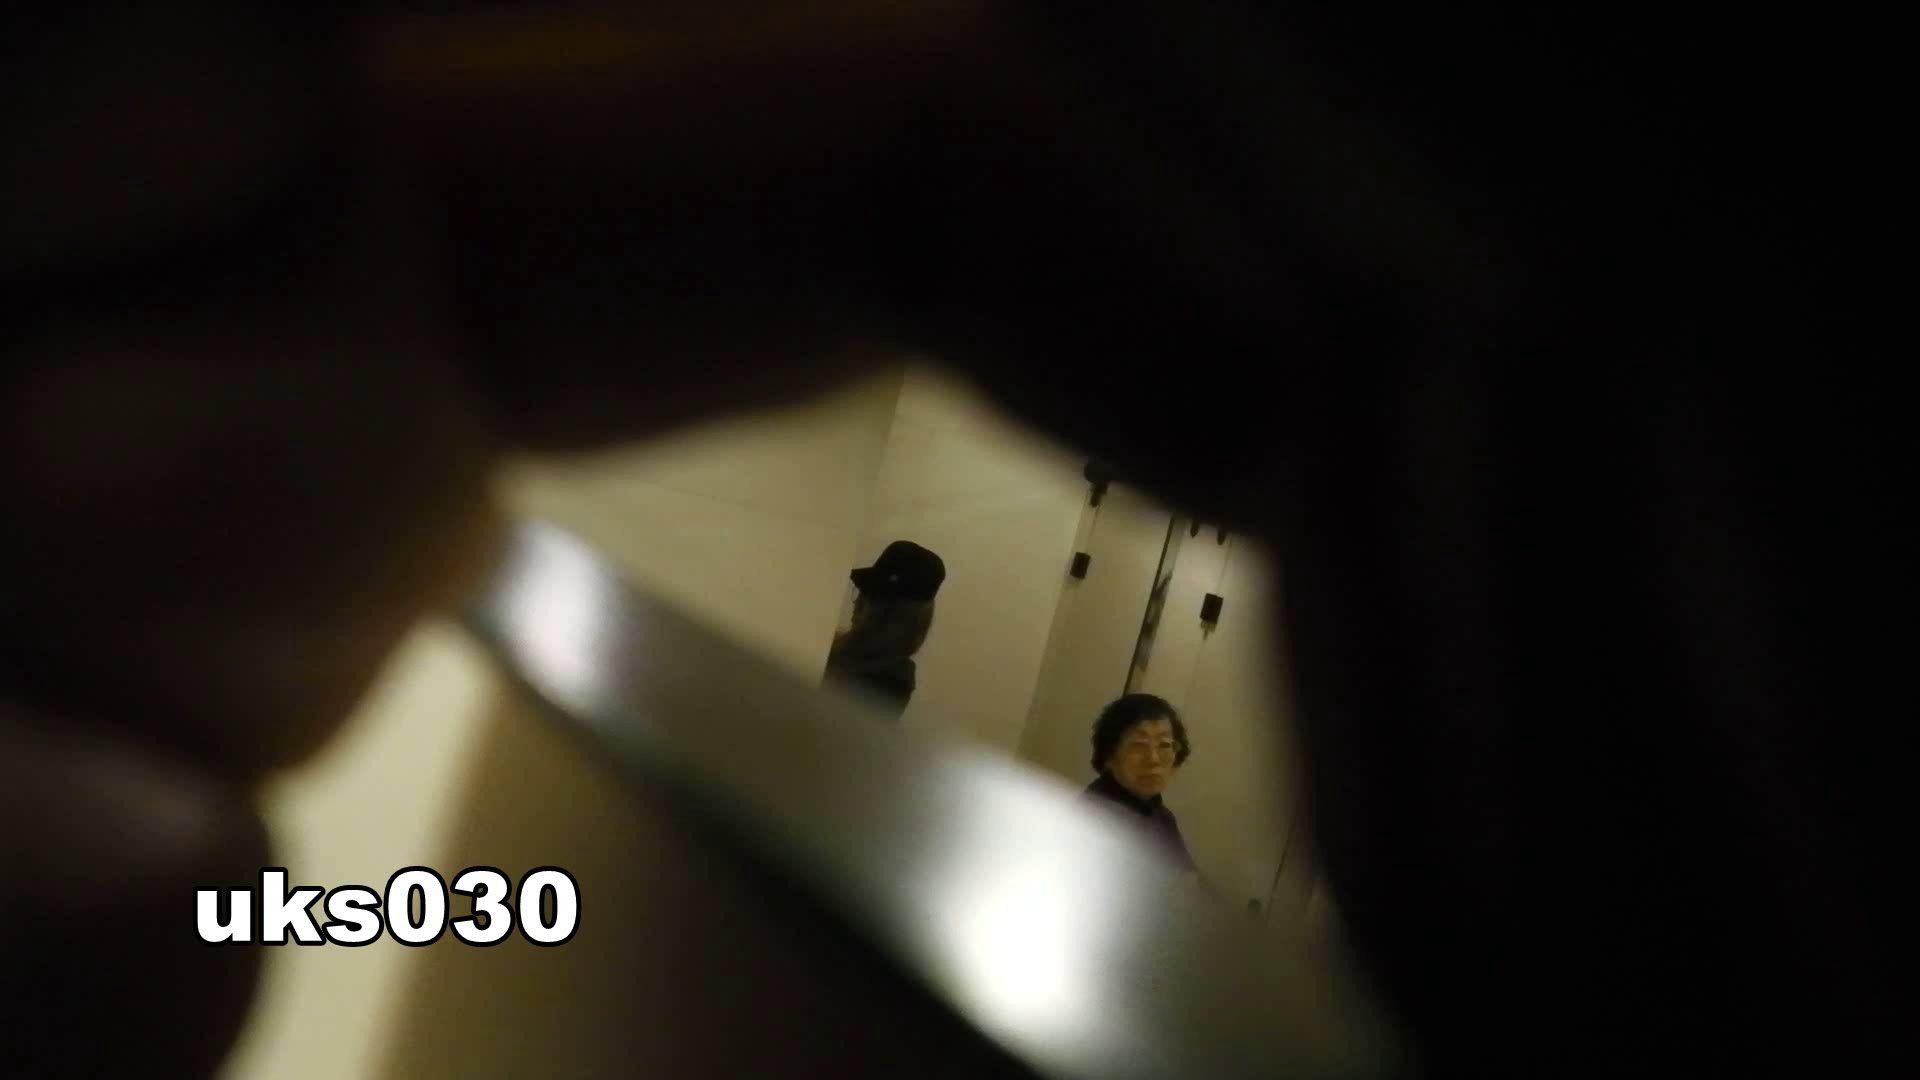 洗面所特攻隊 vol.030 特別編 特攻隊とストレートマニアのCJ対決!! 洗面所  102枚 22